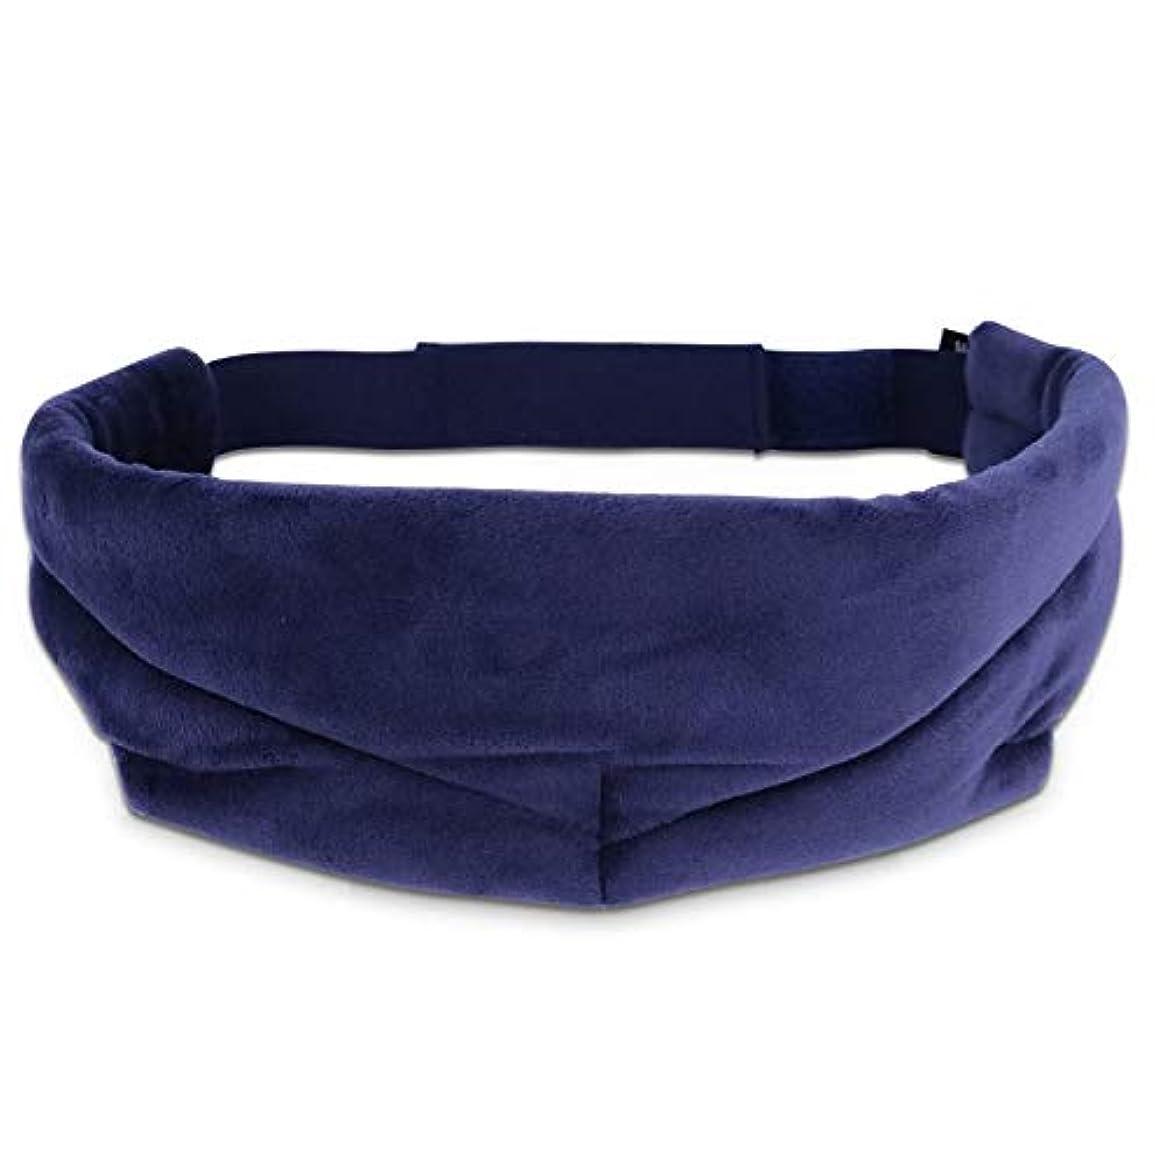 犯す拡大するモードNOTE 目隠し用アイマスクの睡眠旅行用睡眠カバー睡眠用マスクベルベットの目柔らかい目のカバーヘッドバンド3色睡眠マスク